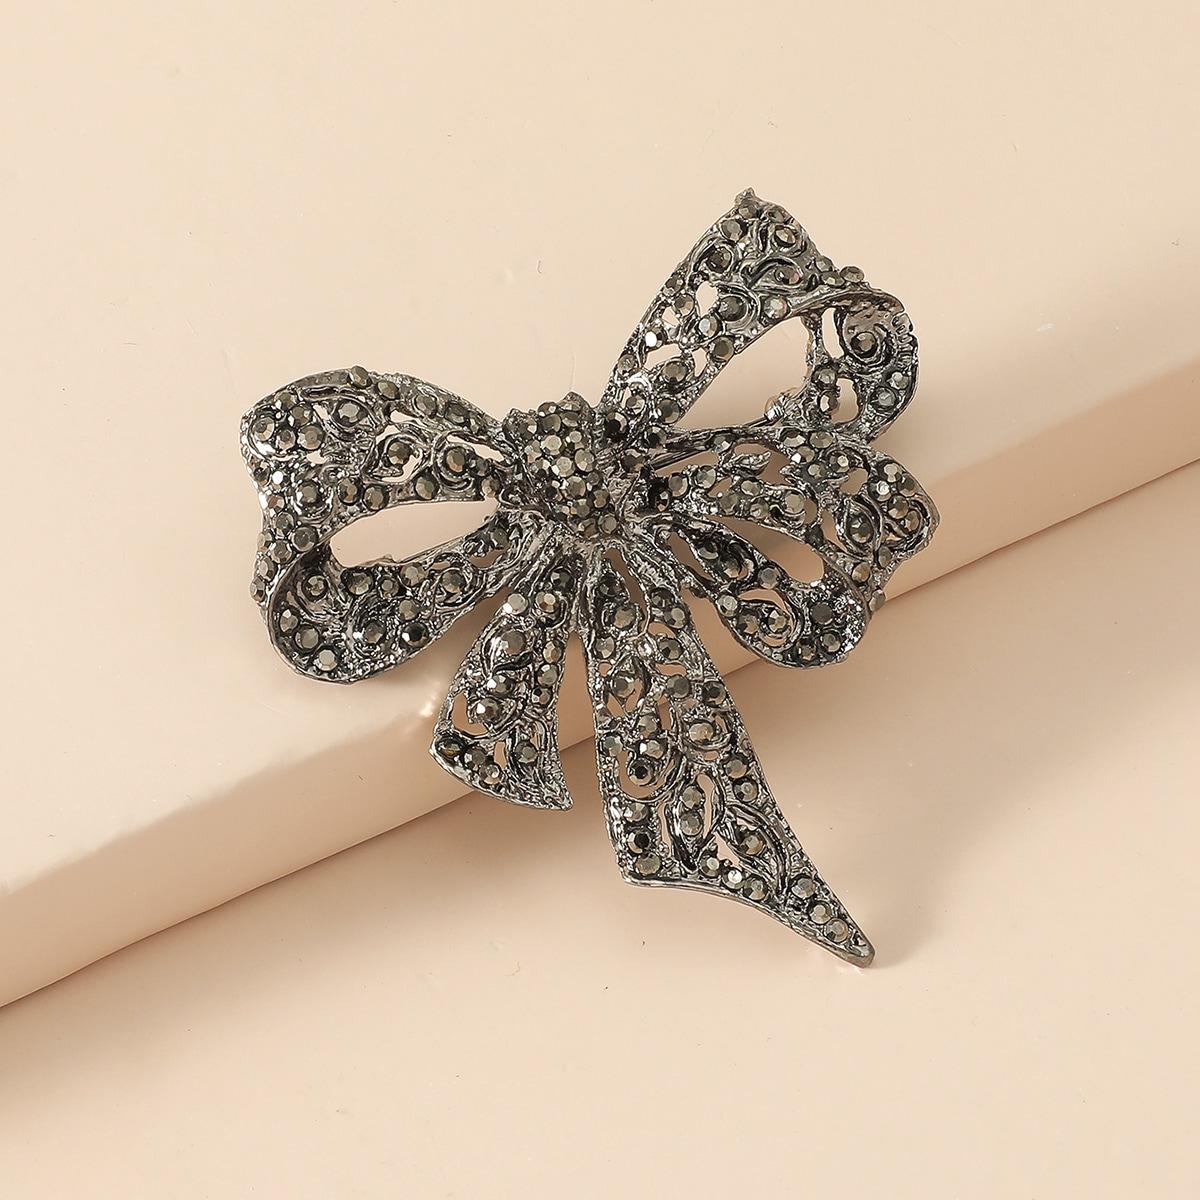 Rhinestone Decor Bow Design Brooch